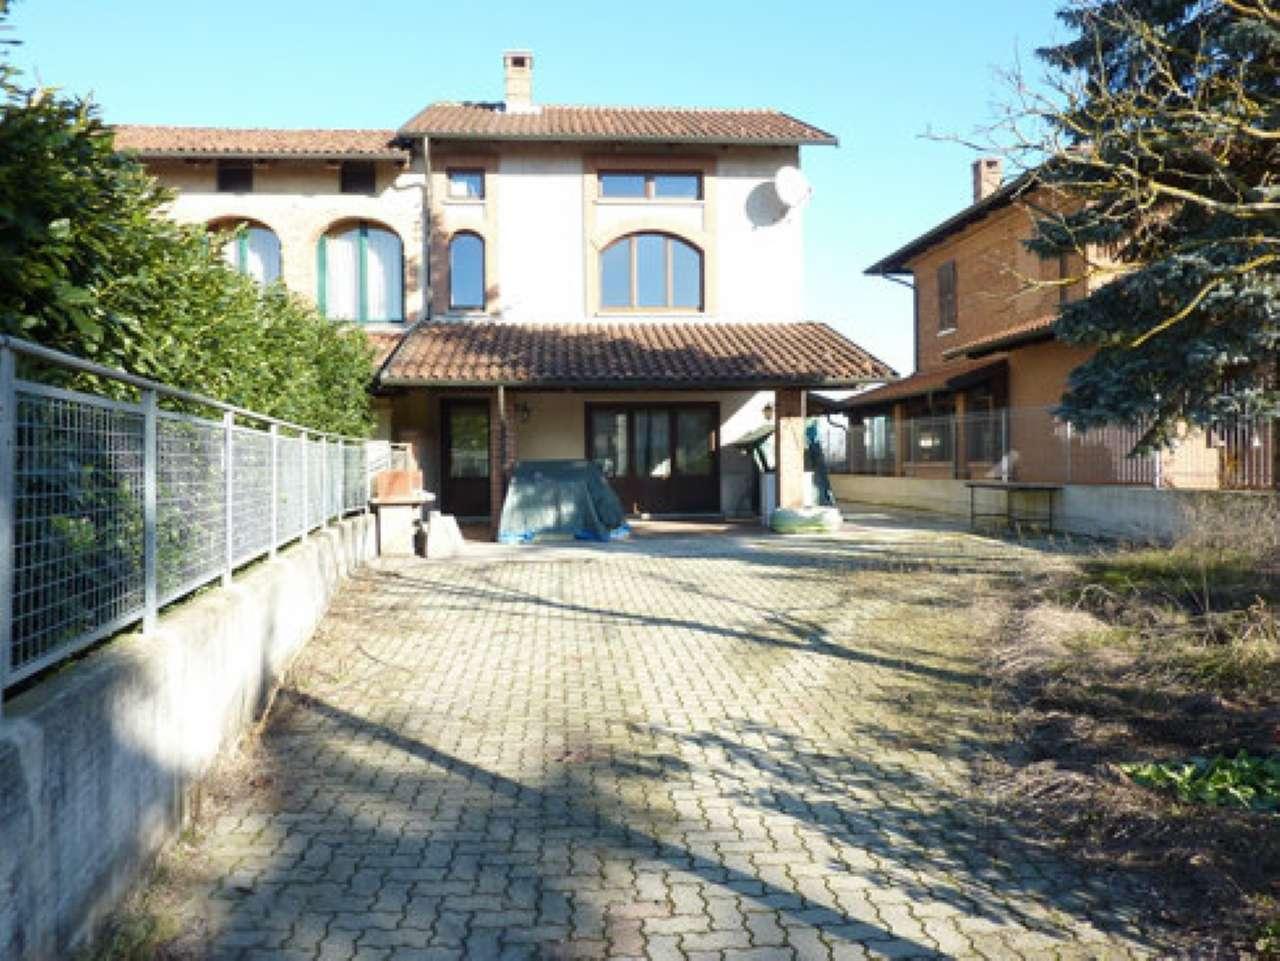 Soluzione Indipendente in vendita a Pralormo, 5 locali, prezzo € 165.000 | Cambio Casa.it